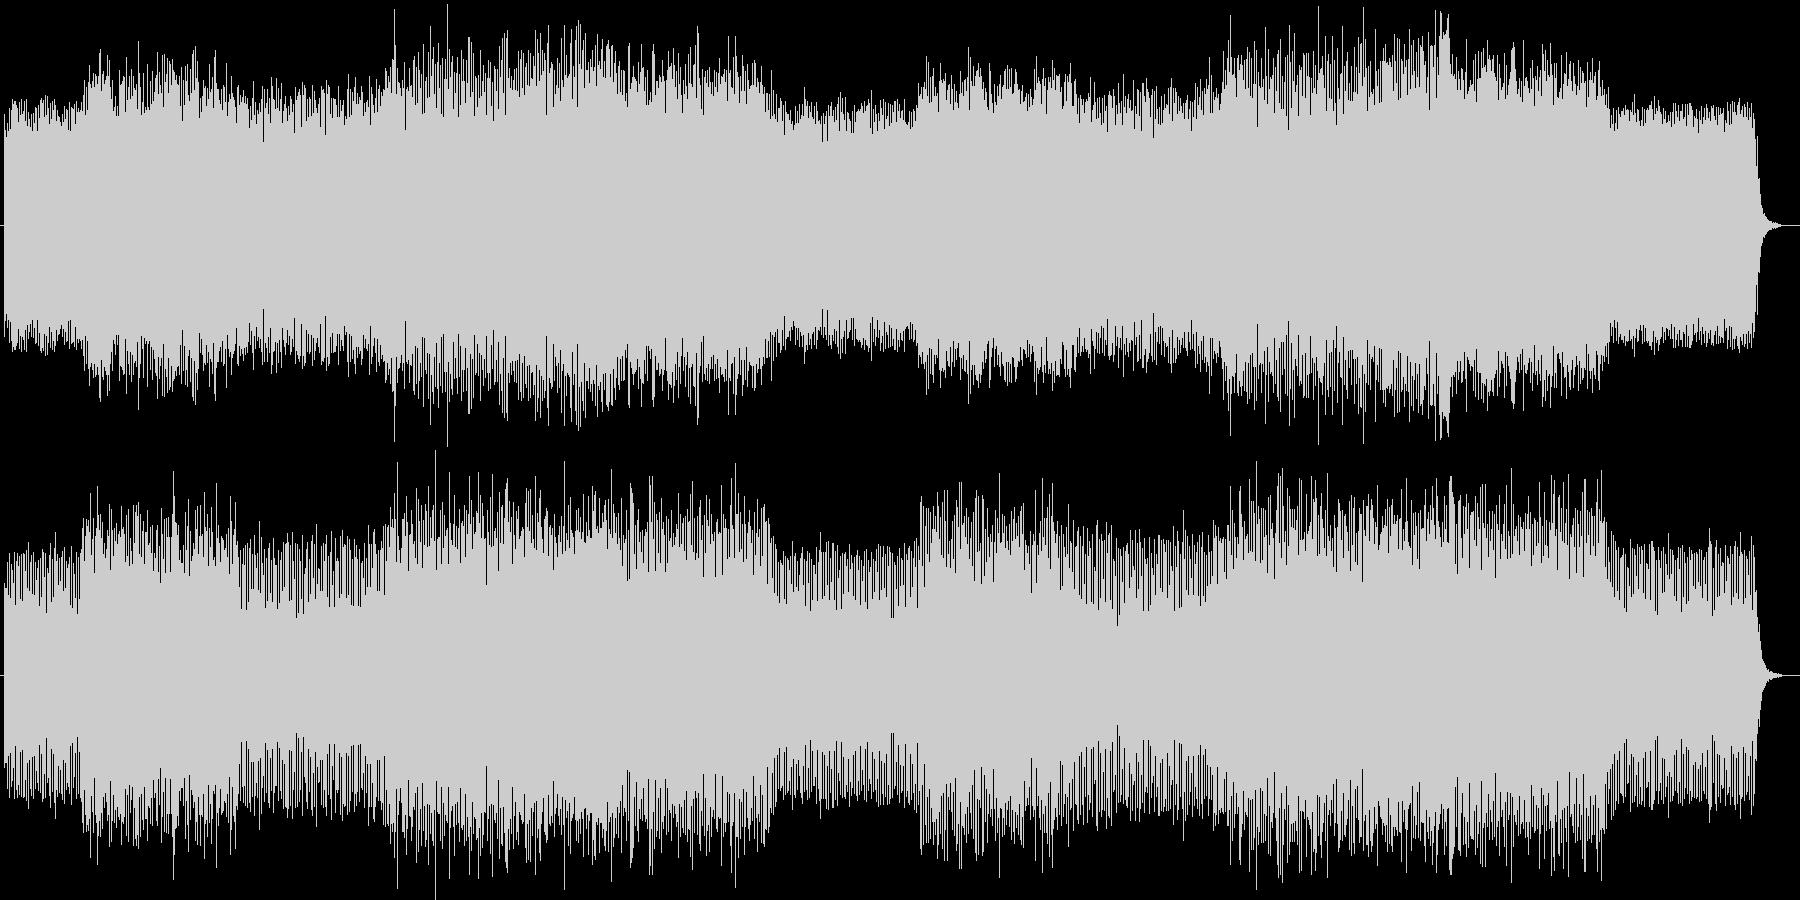 シリアスなシンセサイザーサウンドの未再生の波形